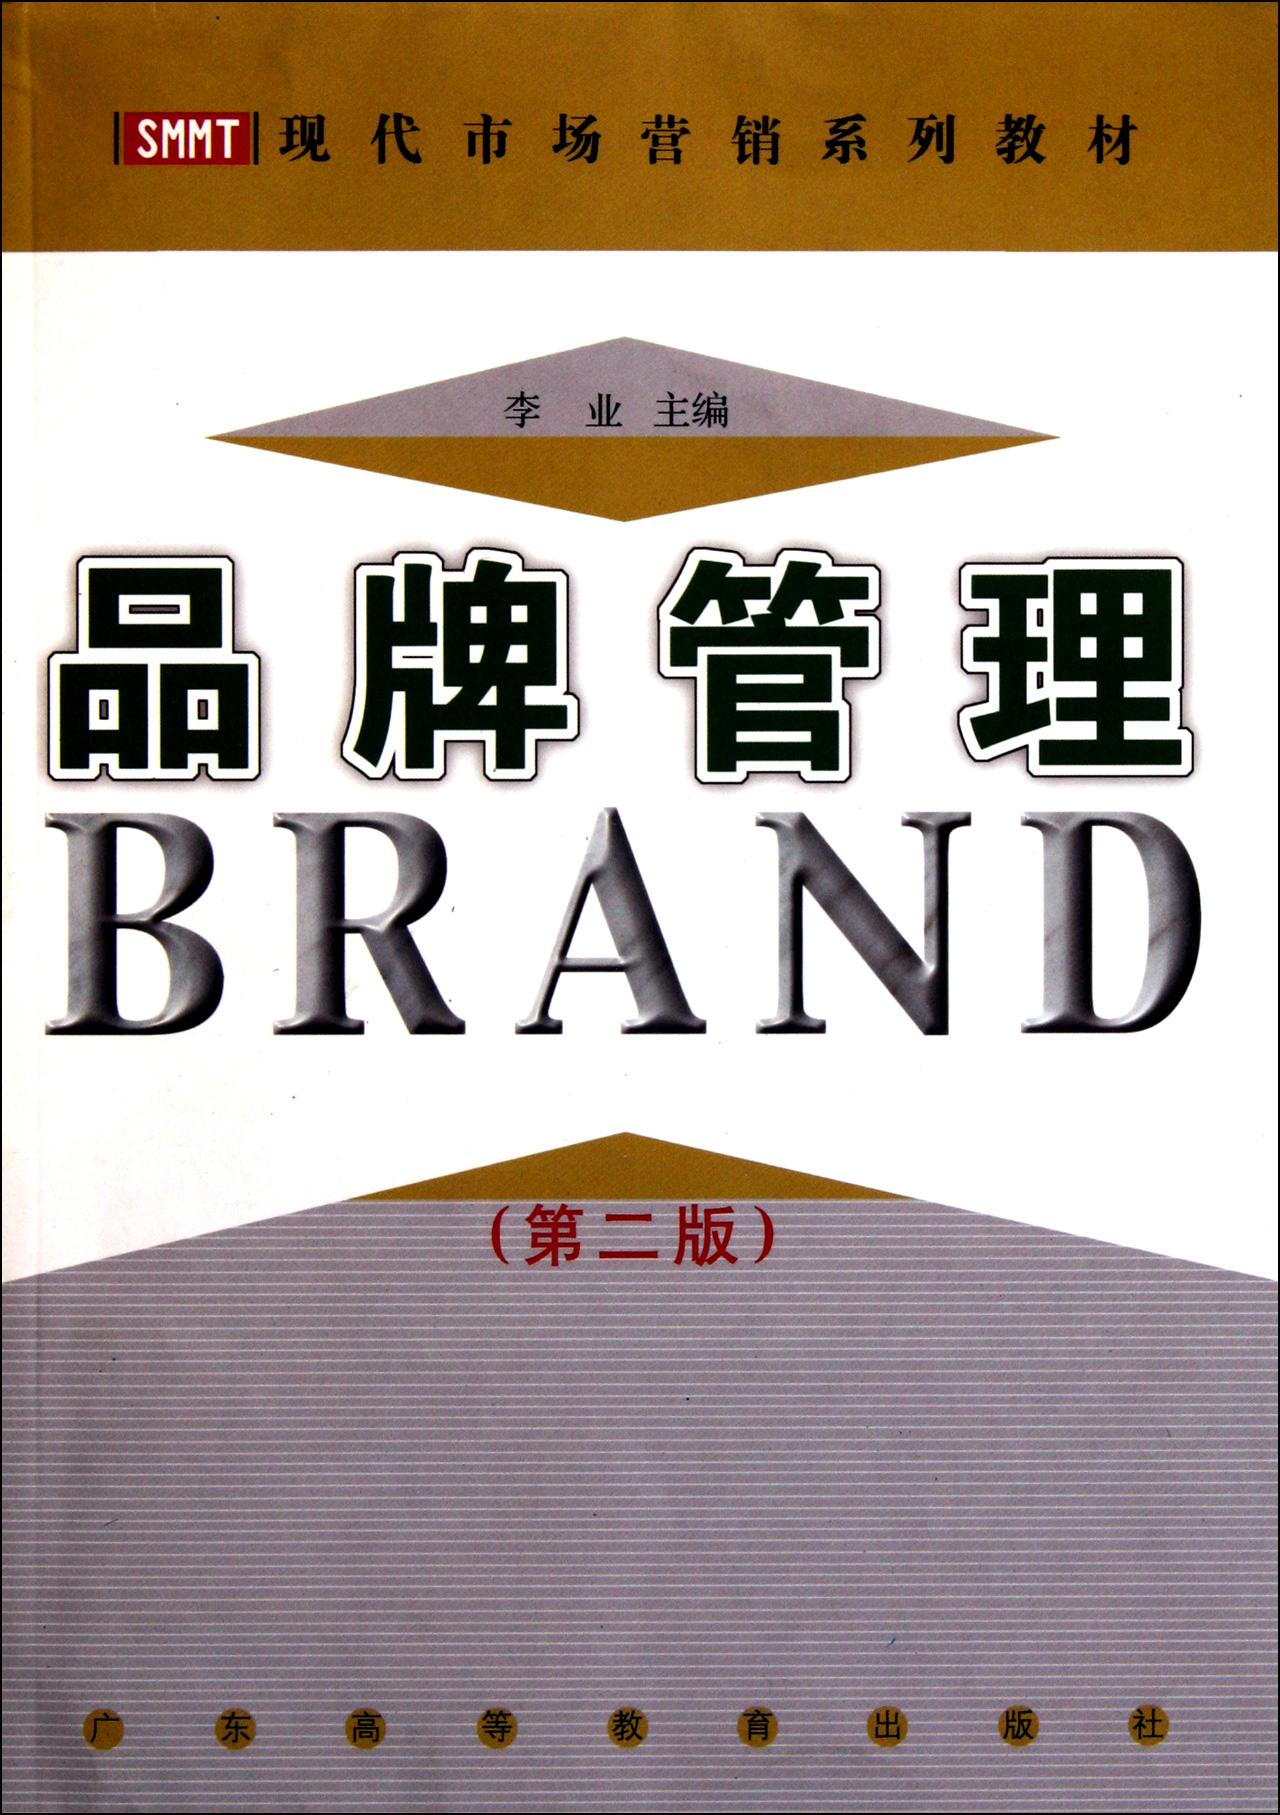 品牌事业部制组织